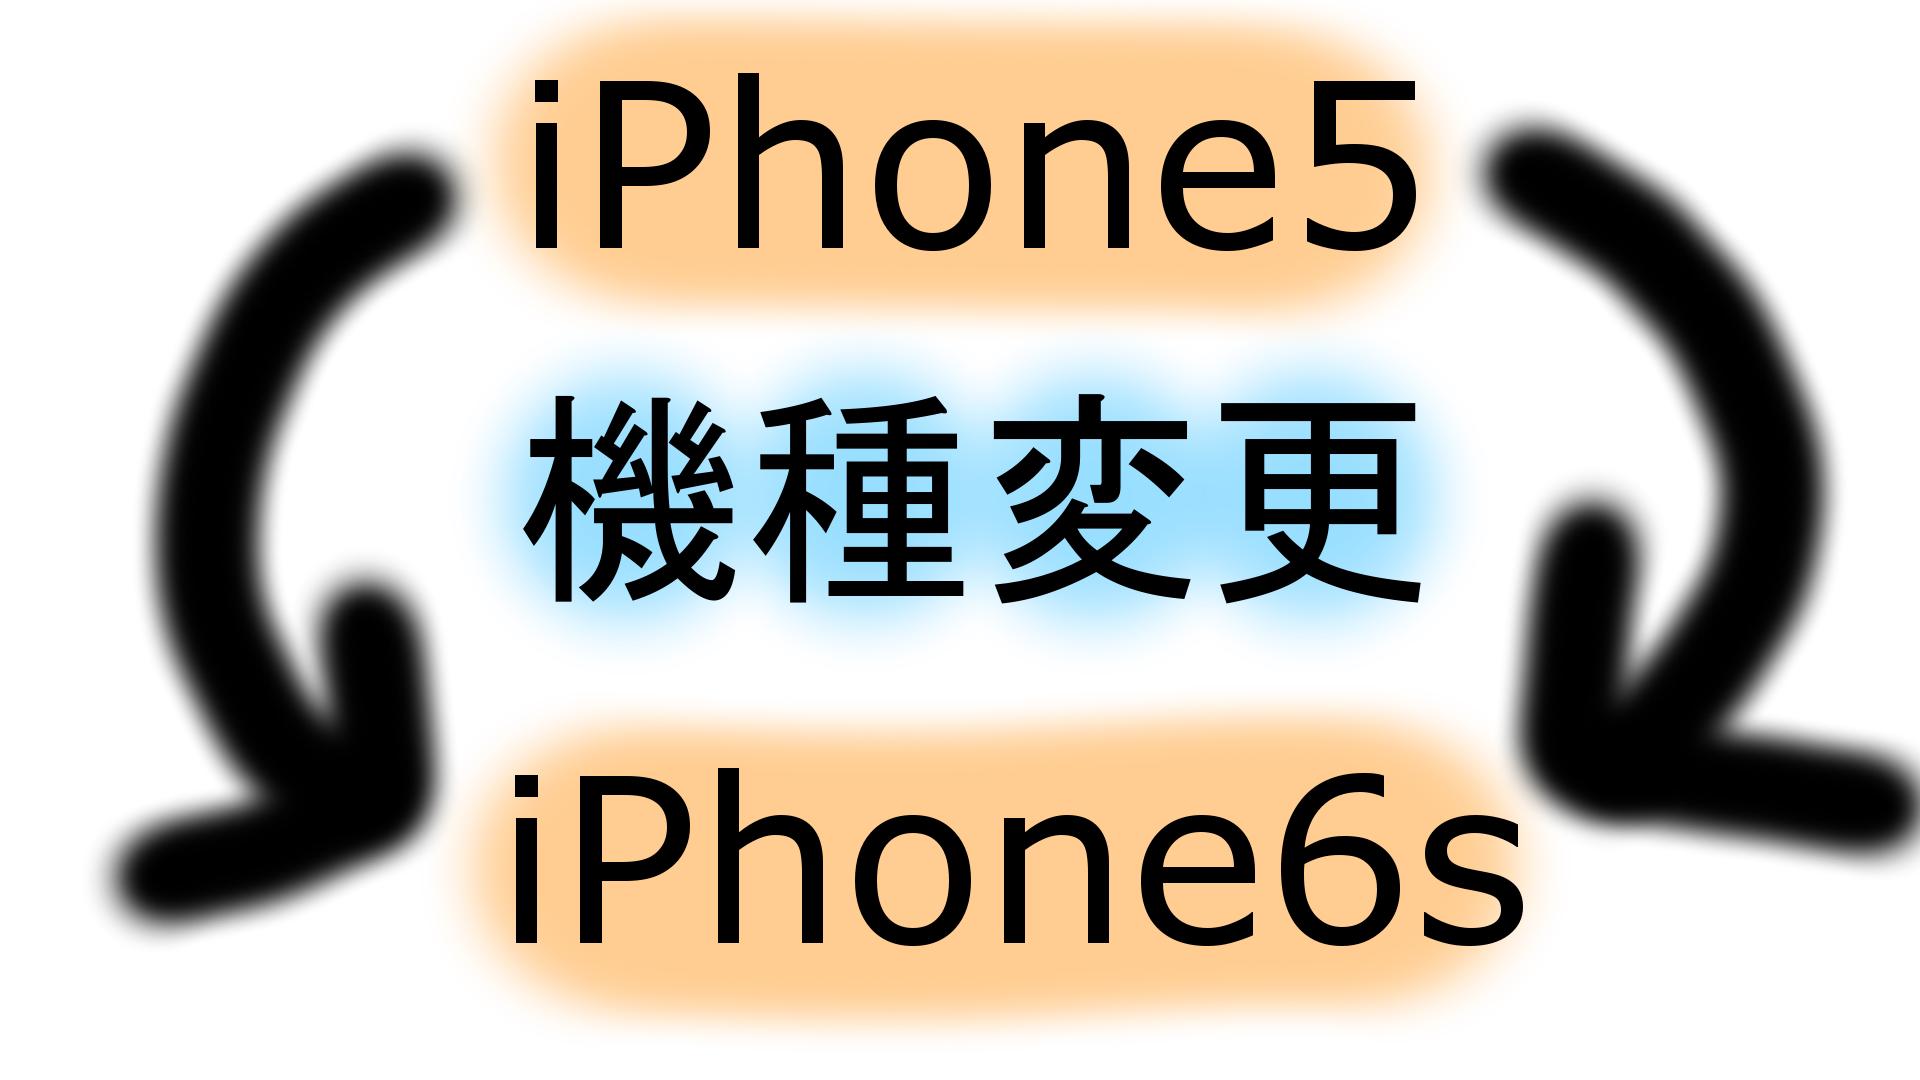 【やっと】iPhone5からiPhone6sへ機種変更